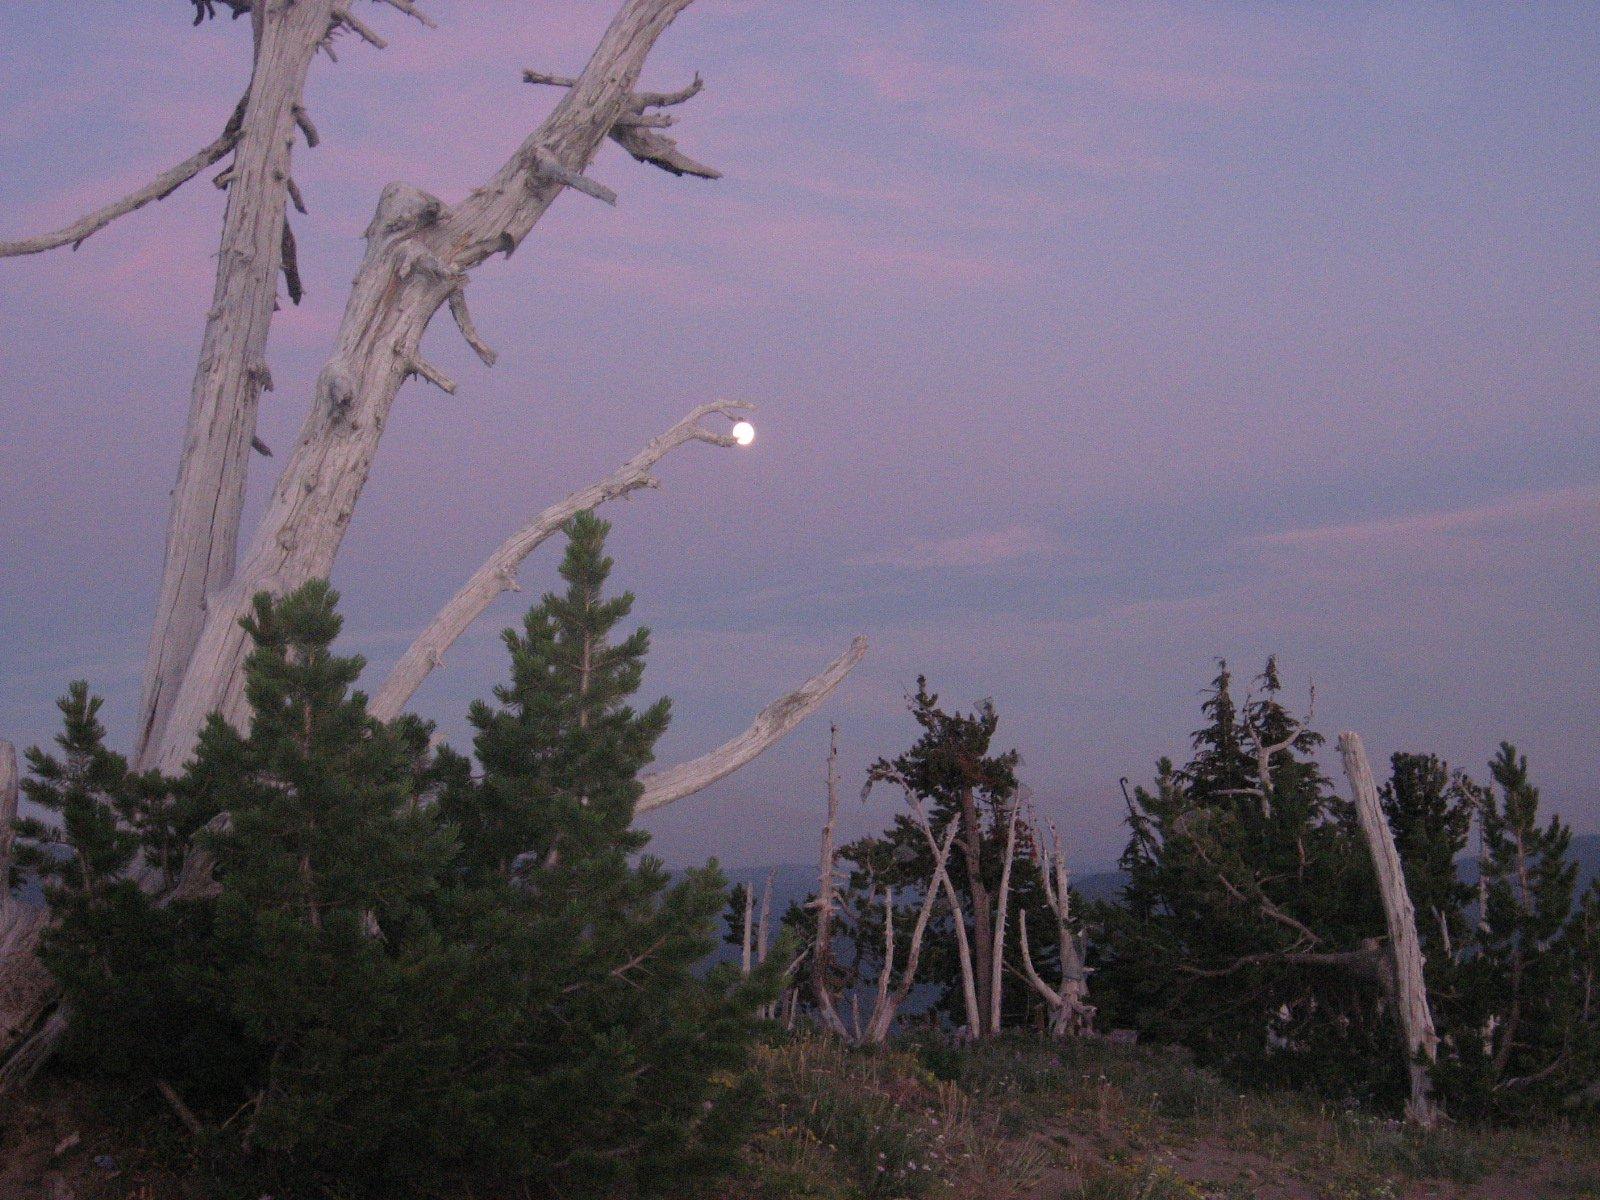 Mt. Hood moon